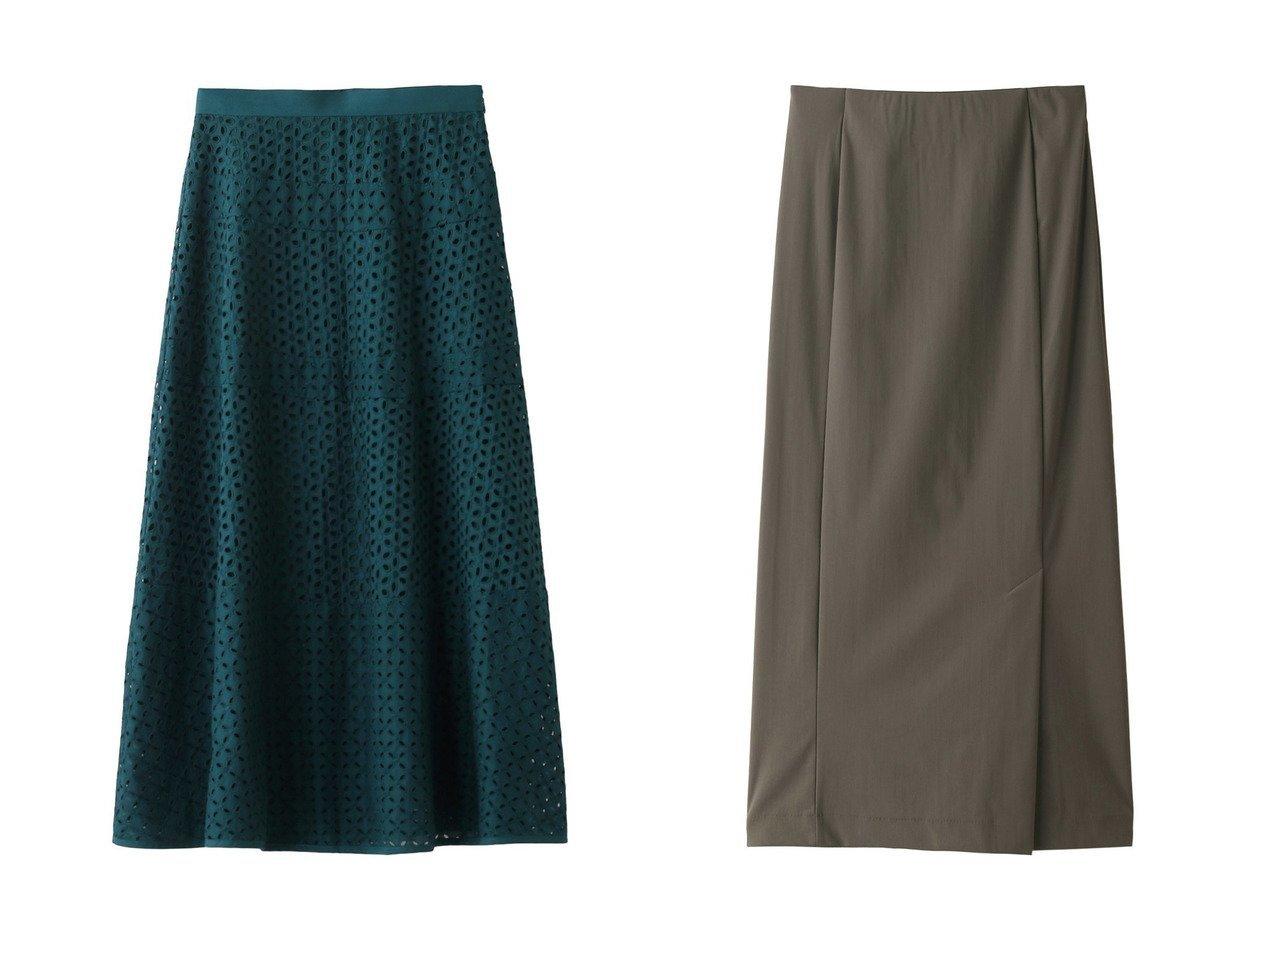 【allureville/アルアバイル】のコットンレースティアードスカート&【Whim Gazette/ウィムガゼット】のカットタイトスカート 【スカート】おすすめ!人気、トレンド・レディースファッションの通販 おすすめで人気の流行・トレンド、ファッションの通販商品 インテリア・家具・メンズファッション・キッズファッション・レディースファッション・服の通販 founy(ファニー) https://founy.com/ ファッション Fashion レディースファッション WOMEN スカート Skirt ティアードスカート Tiered Skirts ロングスカート Long Skirt 2020年 2020 2020-2021秋冬・A/W AW・Autumn/Winter・FW・Fall-Winter/2020-2021 2021年 2021 2021-2022秋冬・A/W AW・Autumn/Winter・FW・Fall-Winter・2021-2022 A/W・秋冬 AW・Autumn/Winter・FW・Fall-Winter シンプル ティアードスカート フェミニン レース ロング スリット タイトスカート  ID:crp329100000065211